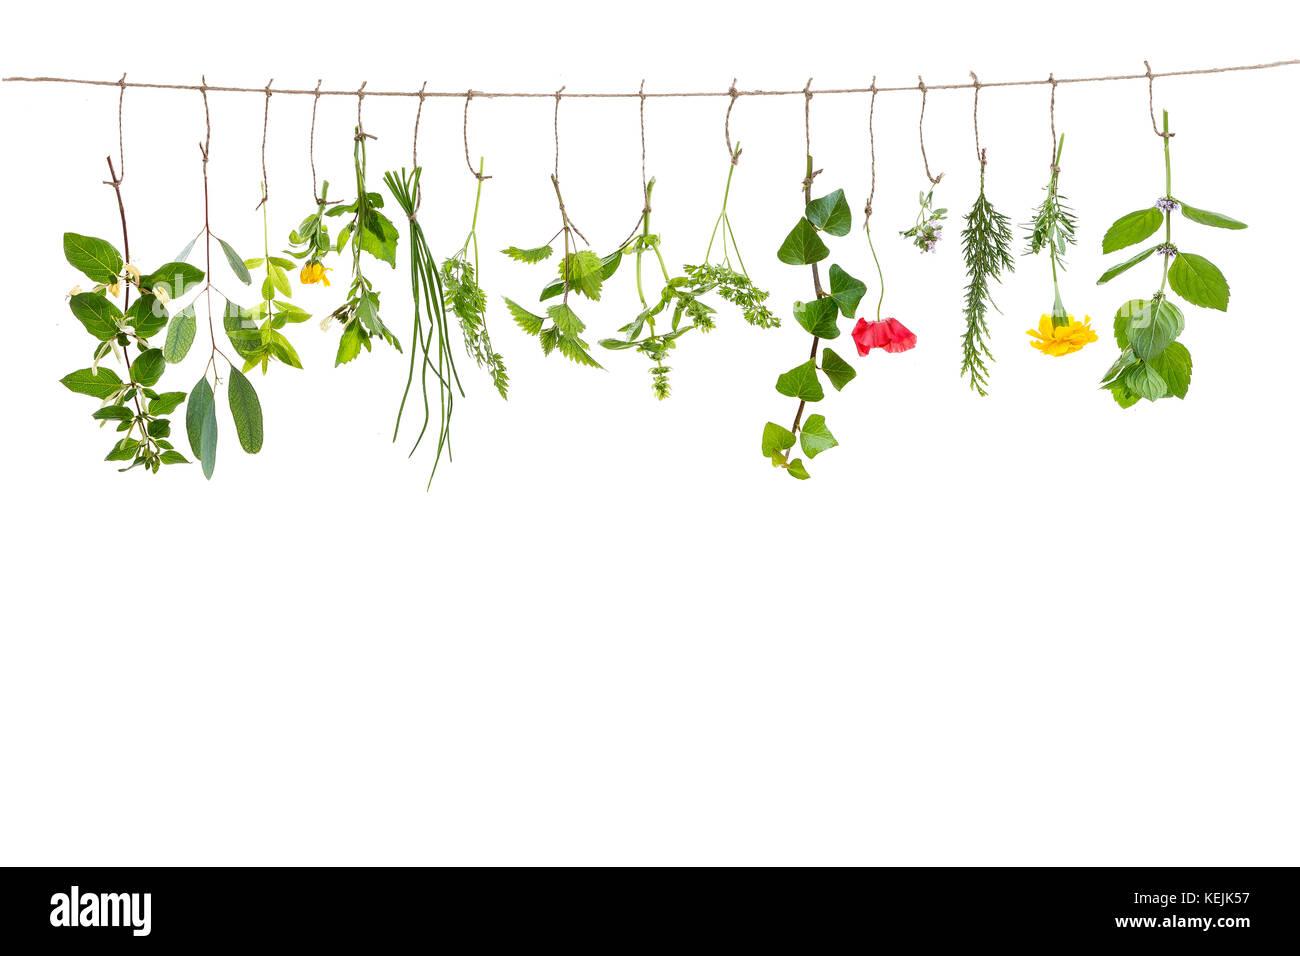 Frische flovouring Kräuter und essbare Blüten hängen an einer Schnur auf einem Interieur backgroung Stockbild